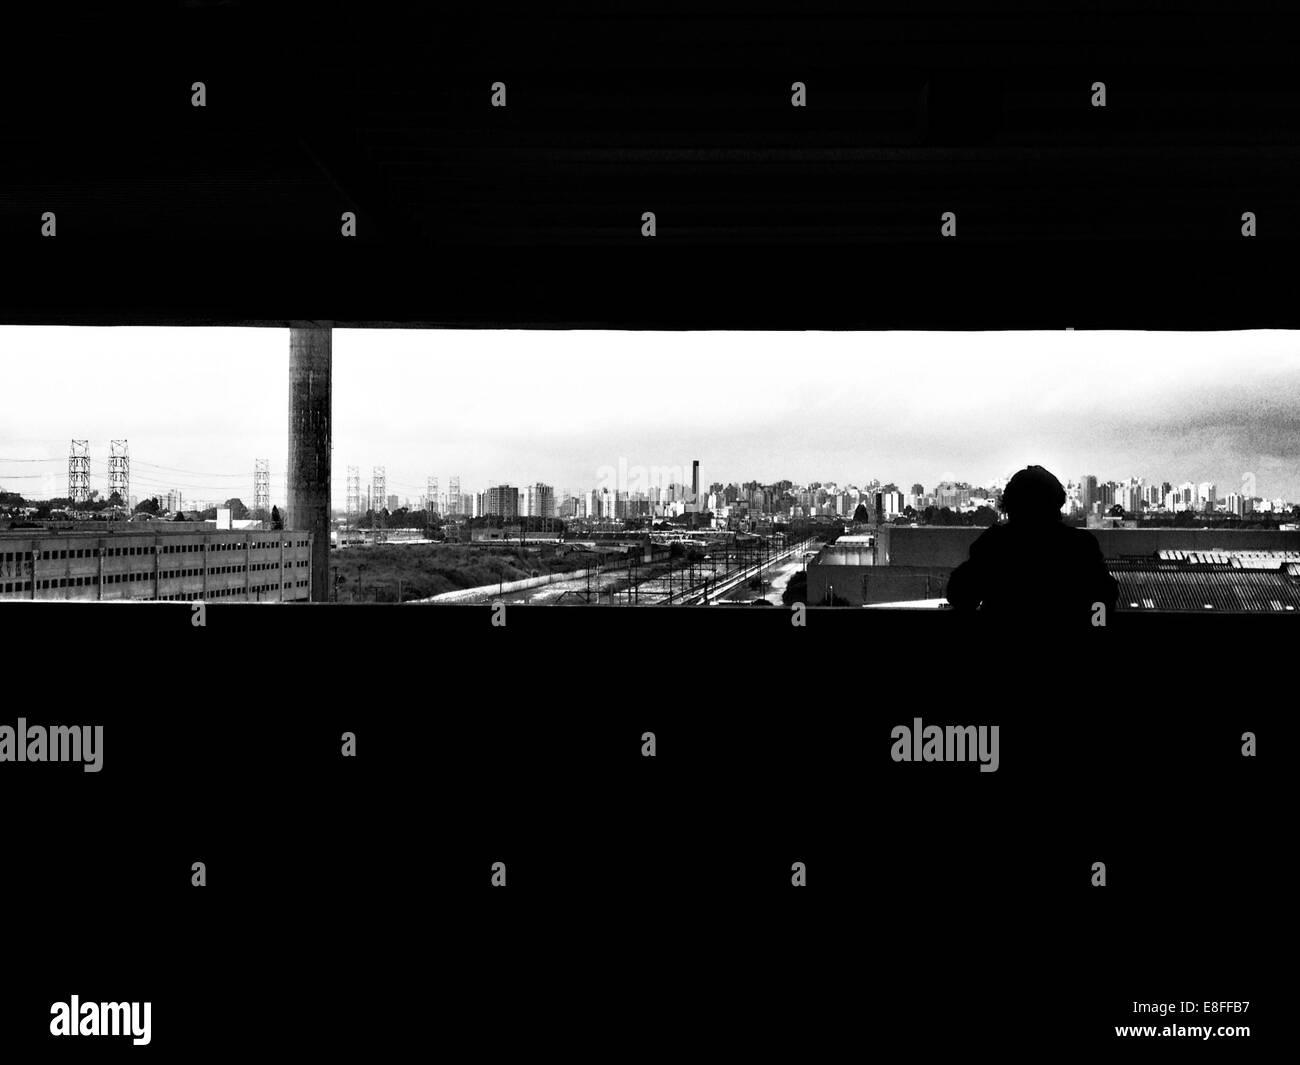 Silhouette di una persona che guarda lo skyline della citta', Sao Paulo, Brasile Immagini Stock